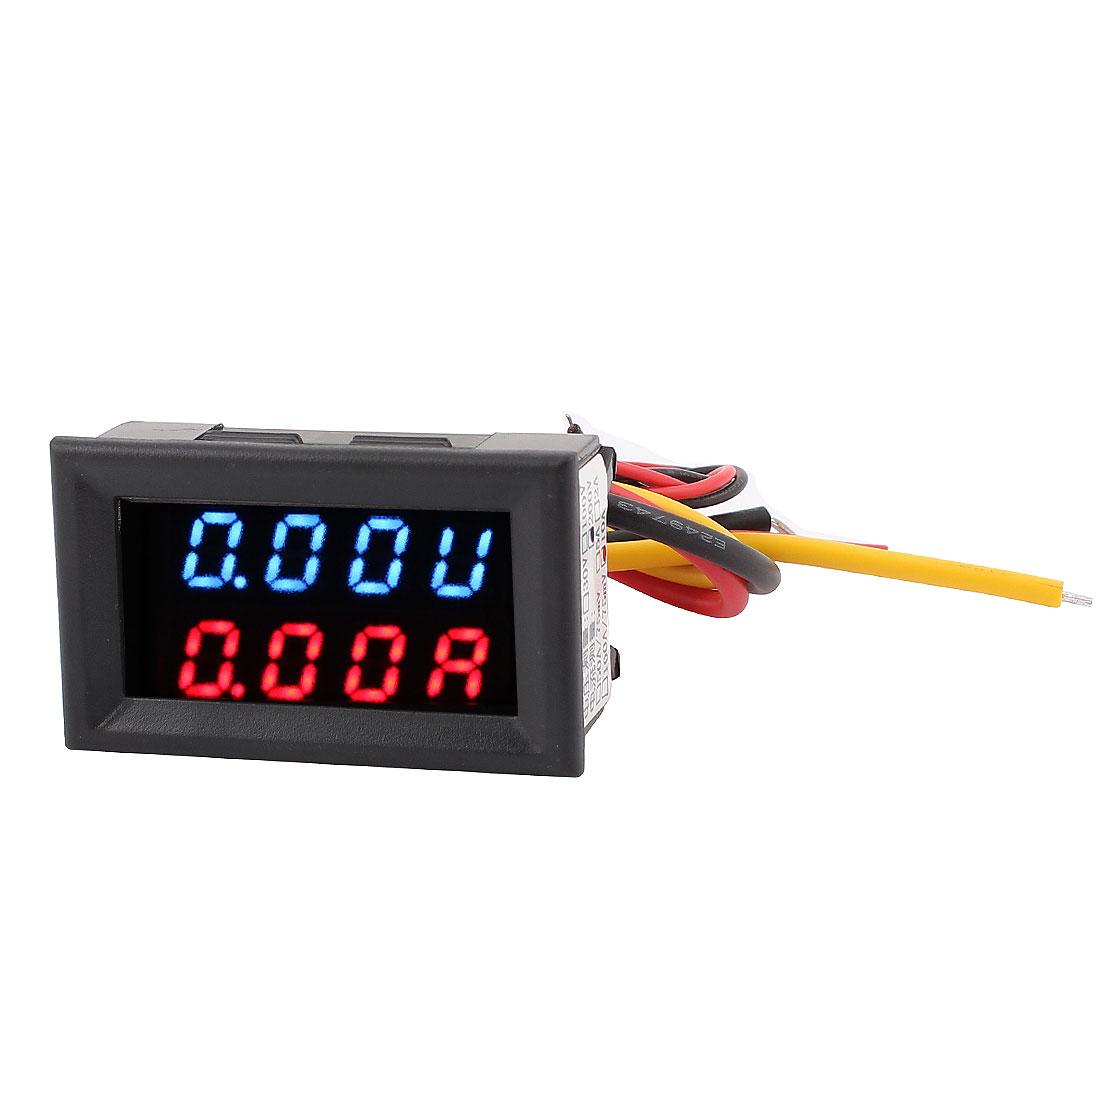 DC 0-200V 0-10A Blue Red LED Dual Digital Display Panel Voltmeter Ammeter Meter